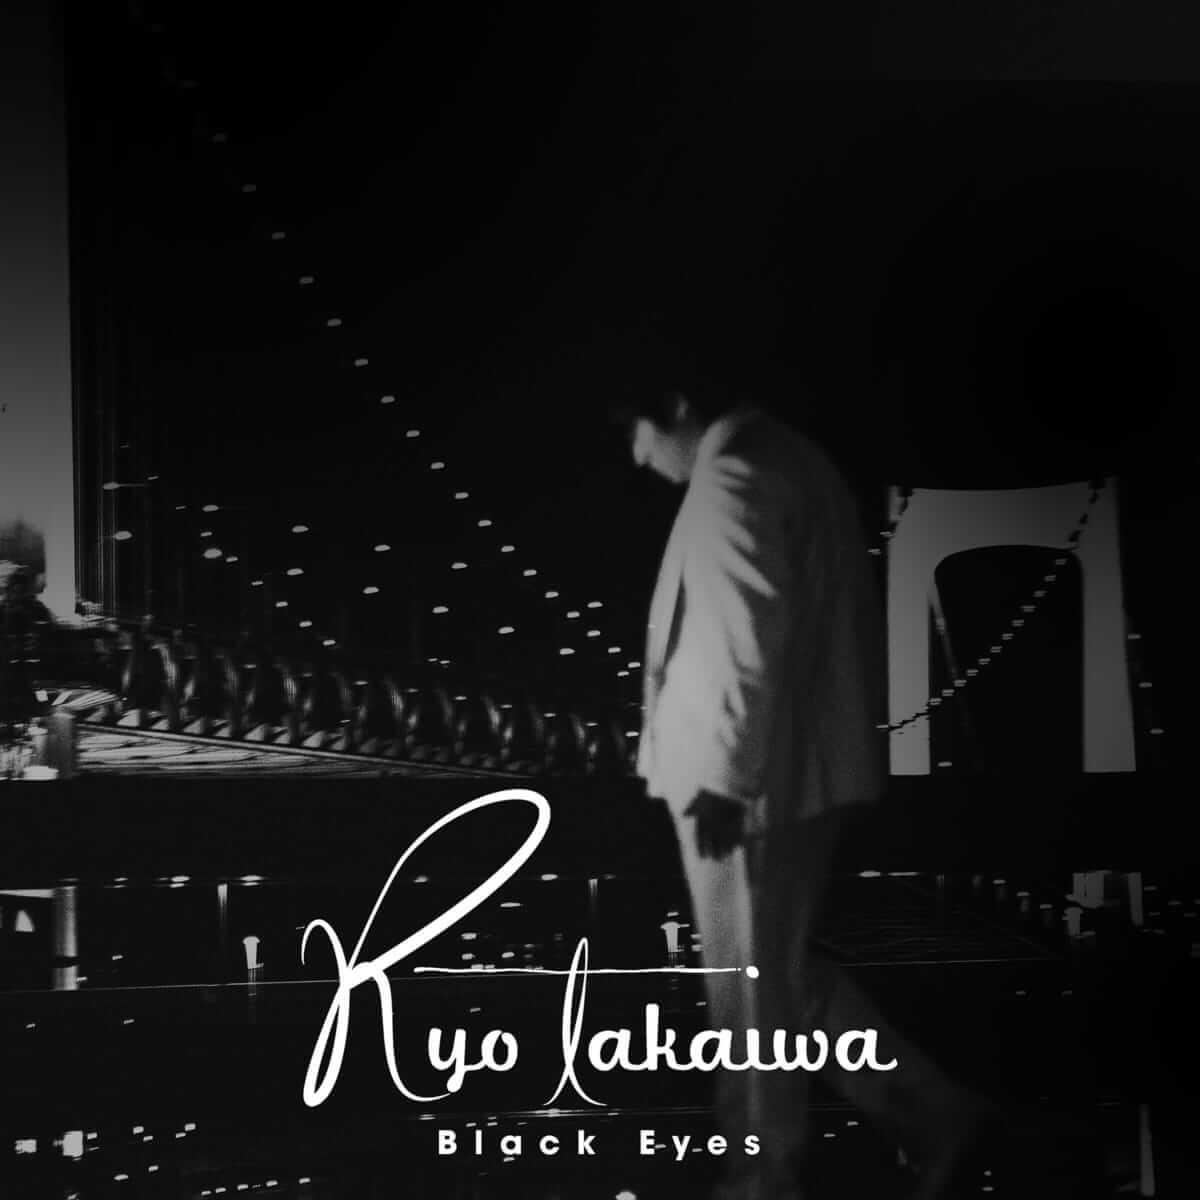 高岩遼、11月3日「レコードの日」に7インチEPの限定リリース決定! music180809_takaiwa-ryo_-1200x1200